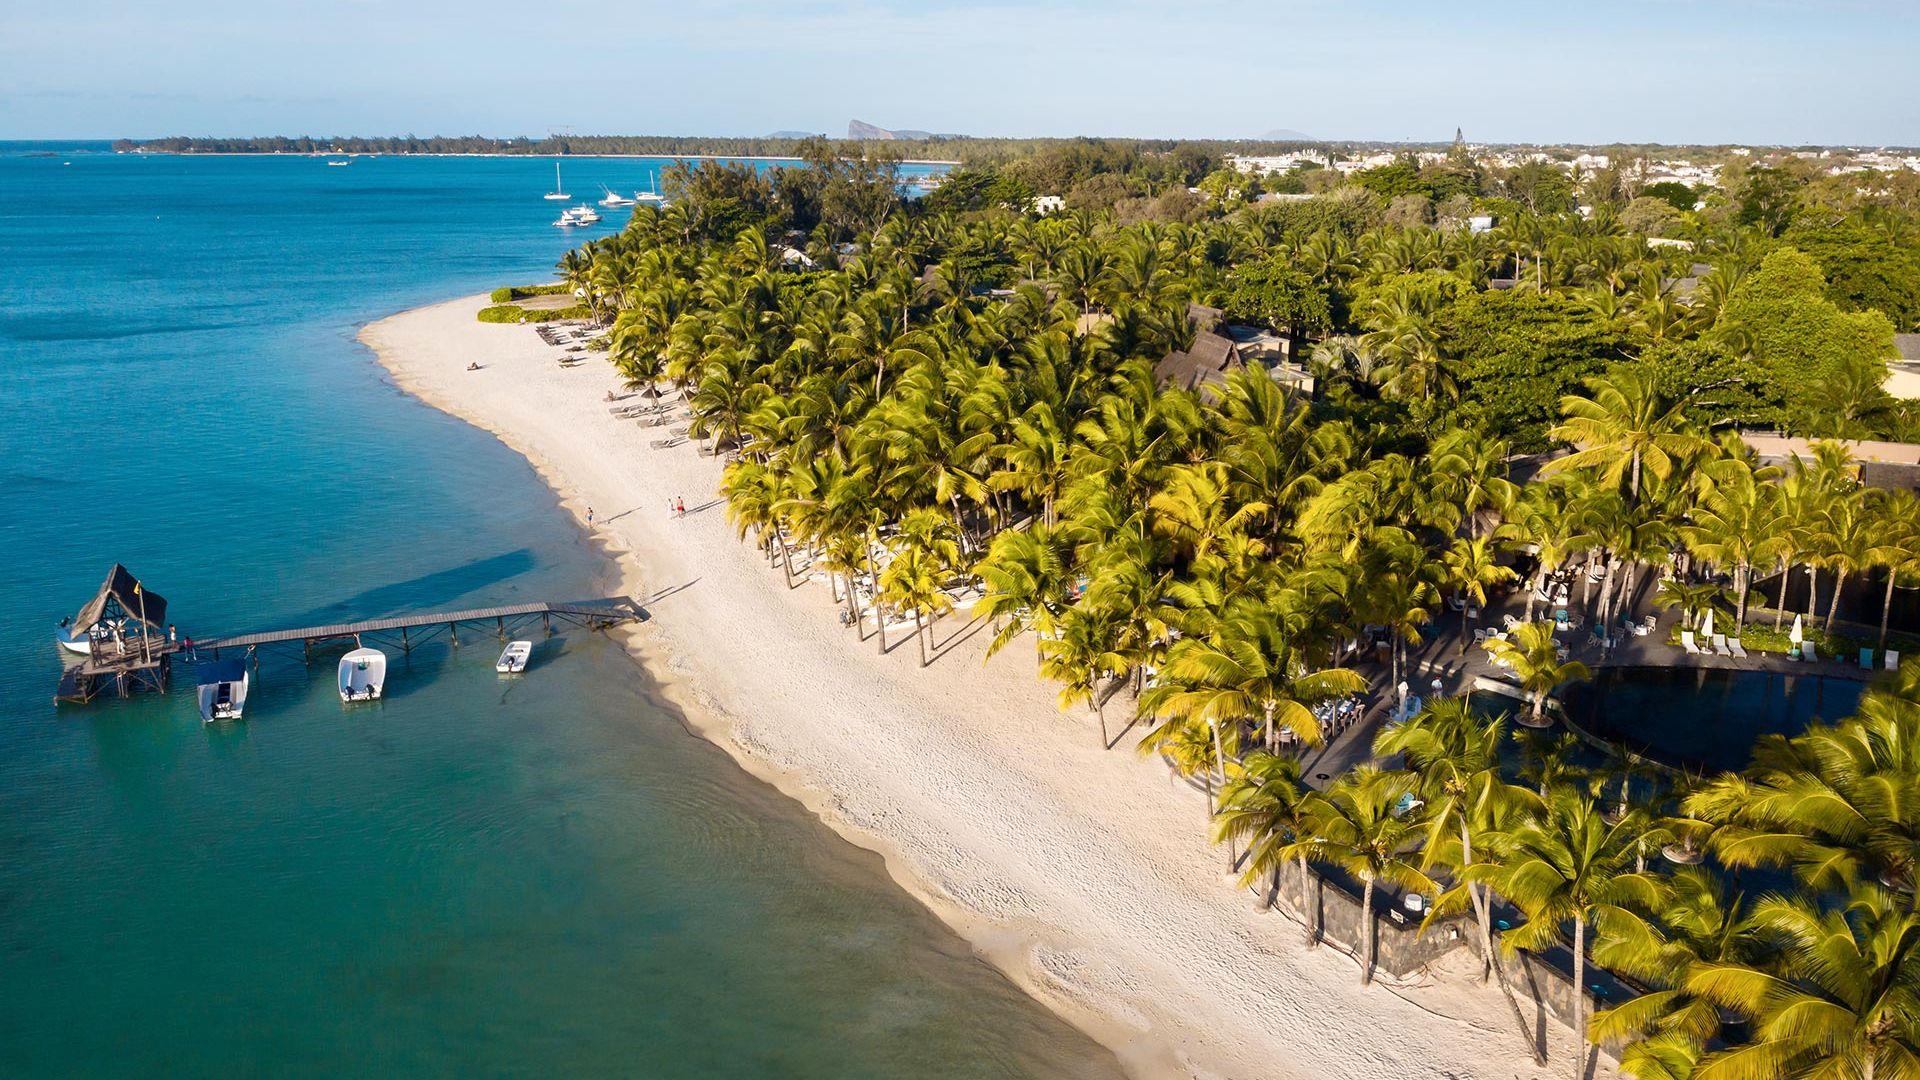 Sejur plaja Mauritius, 10 zile - 12 ianuarie 2022